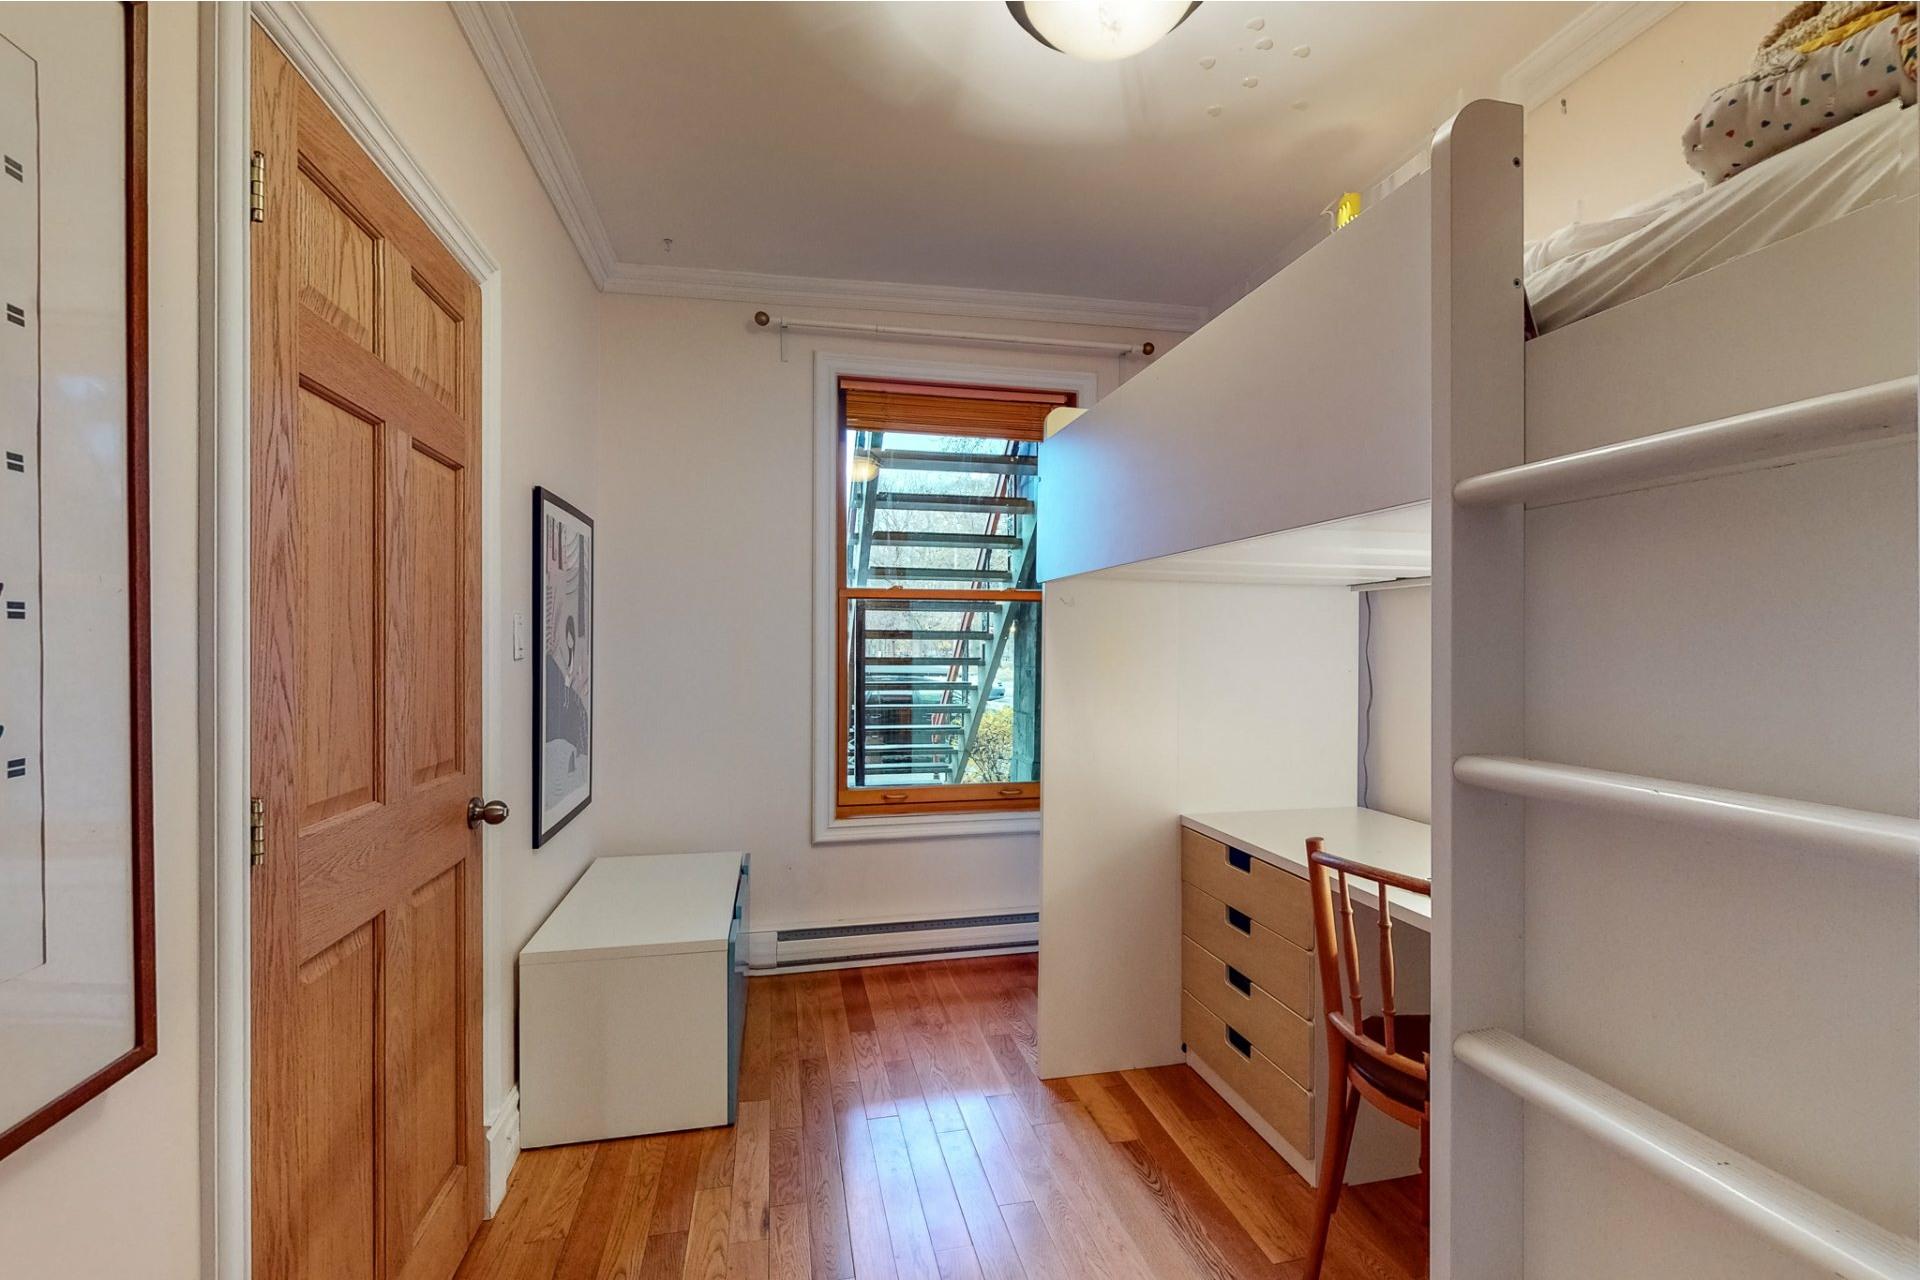 image 13 - Appartement À vendre Le Plateau-Mont-Royal Montréal  - 12 pièces